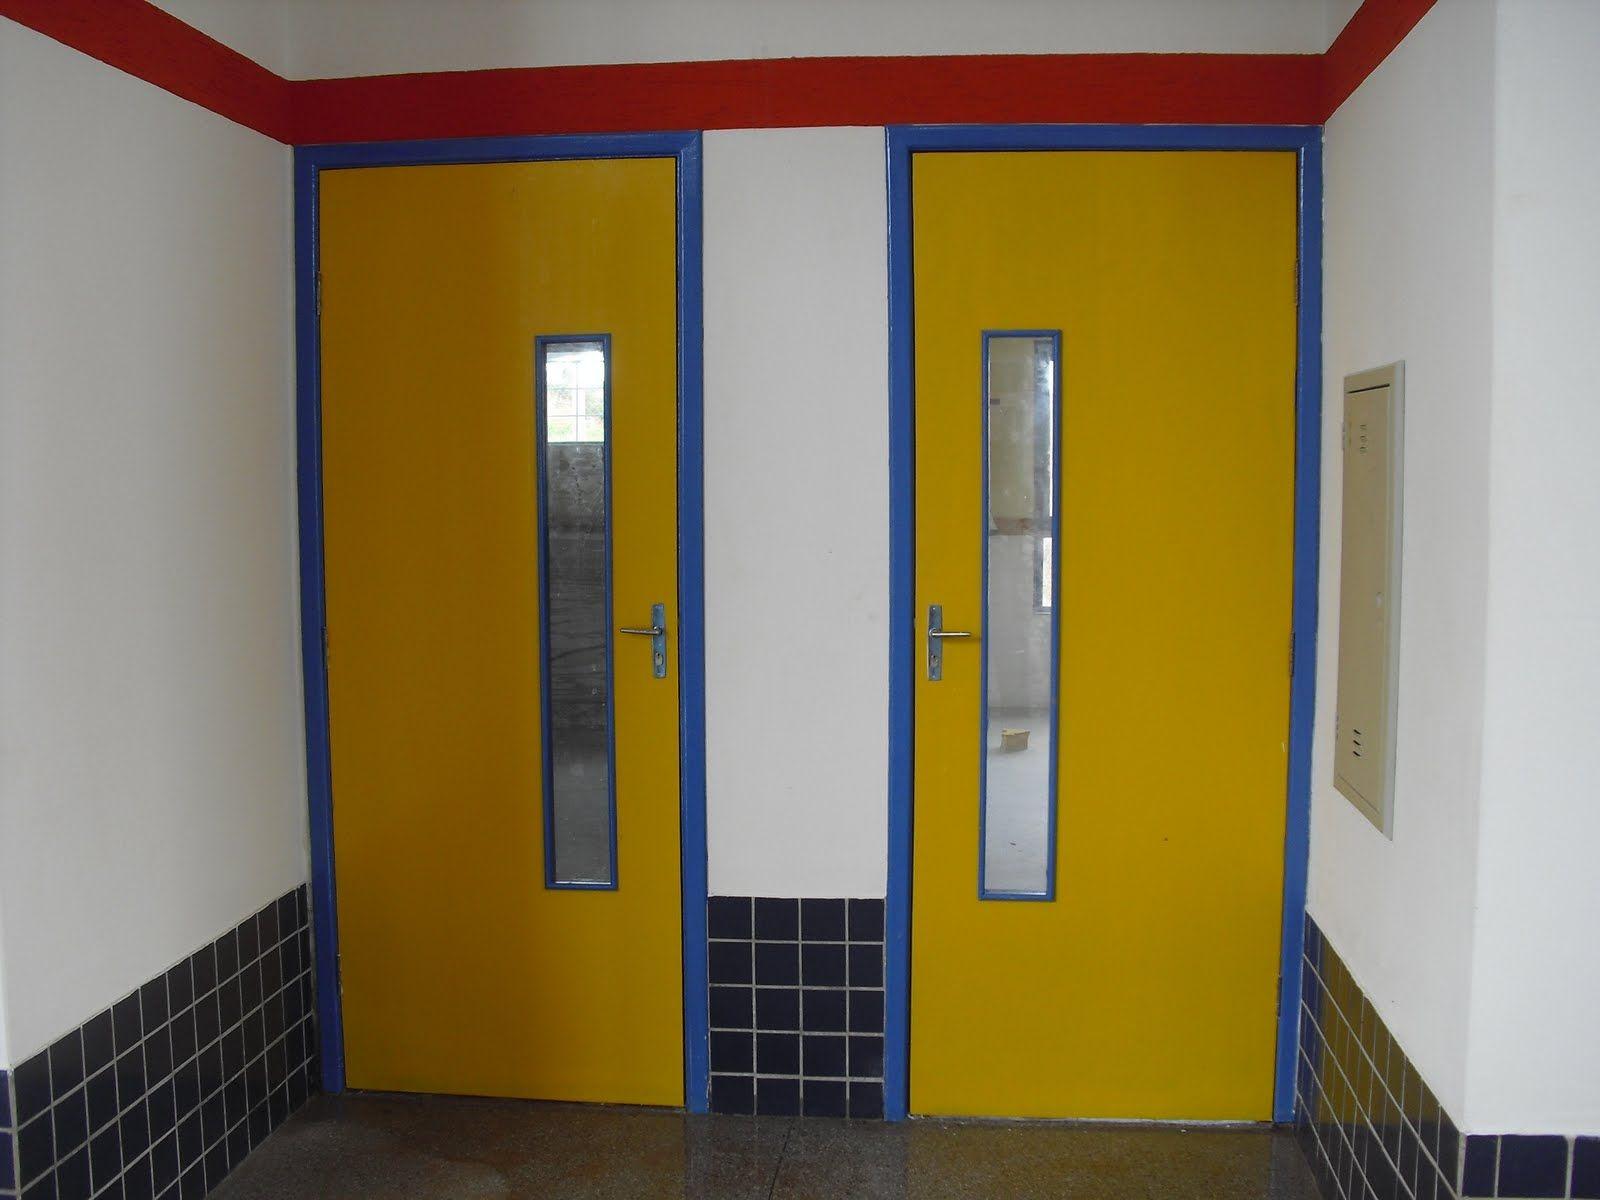 Porta Com Visor De Vidro Para Sala De Aula Pesquisa Google  -> Imagens De Sala De Aula